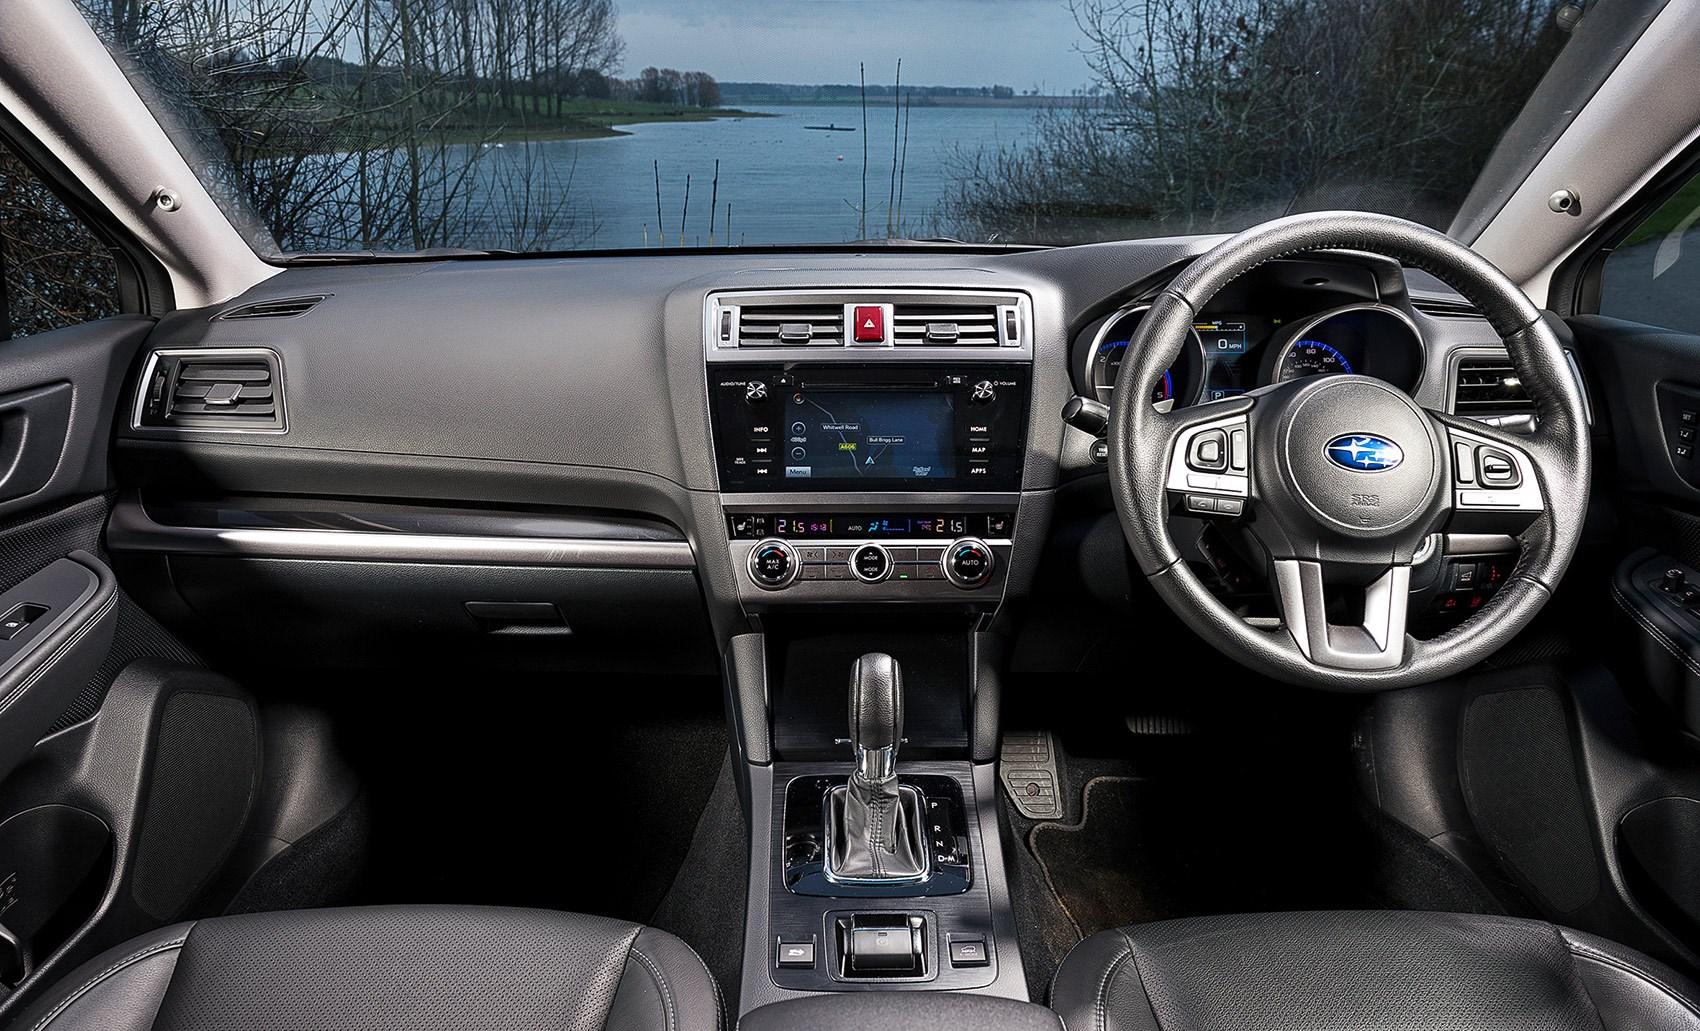 Group test: Subaru Outback vs VW Passat Alltrack vs Skoda ...